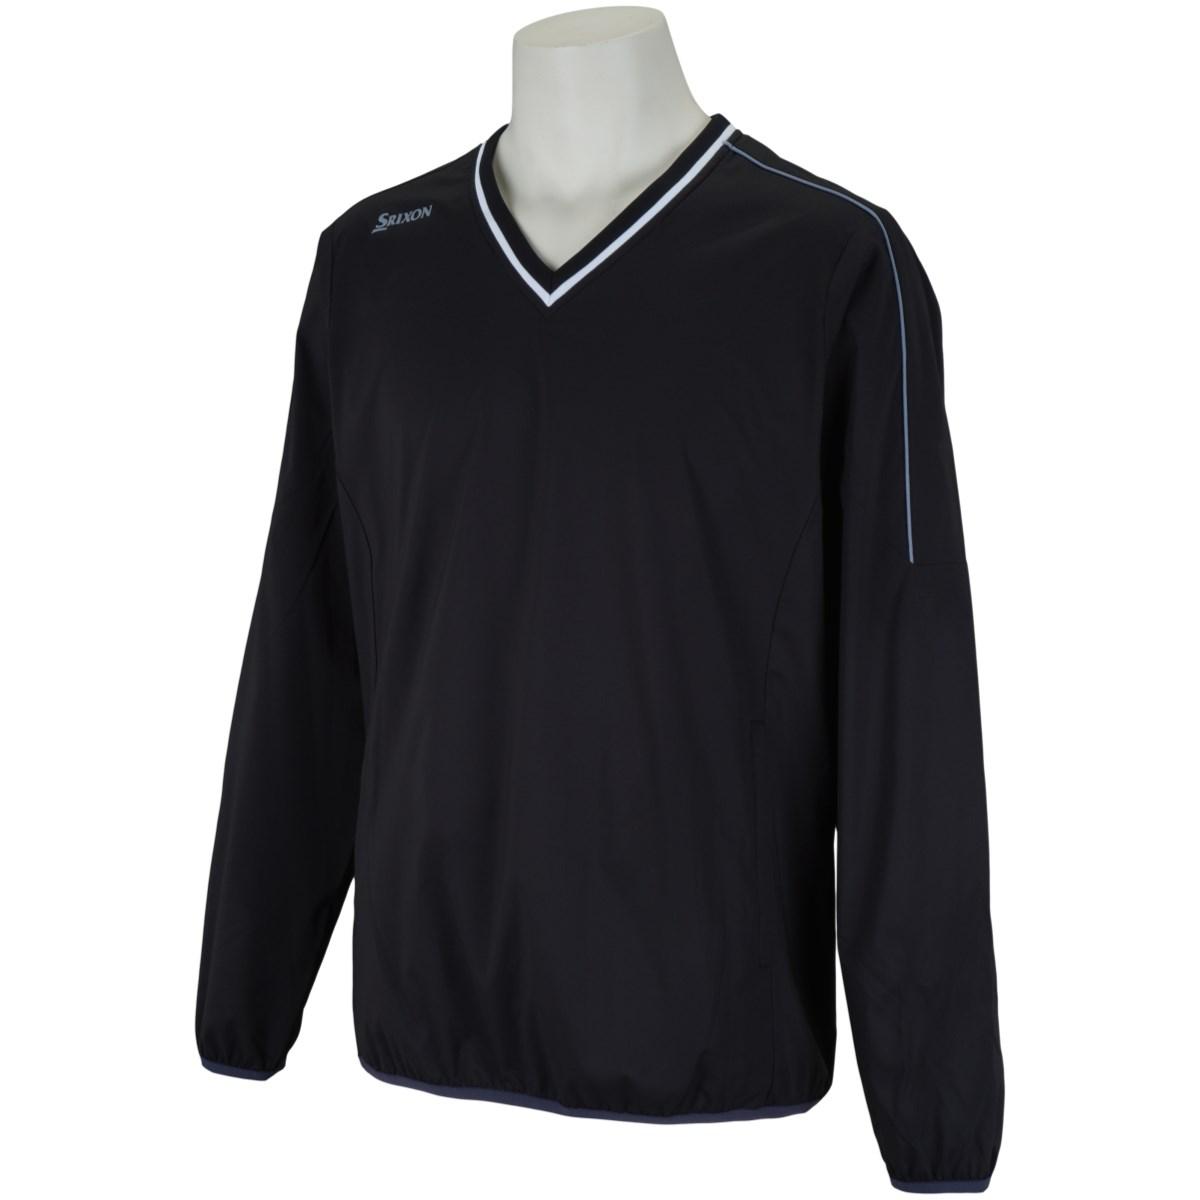 [2021年春夏モデル] スリクソンゴルフ ソロテックスストレッチウインドブルゾン ブラック 00 メンズ ゴルフウェア